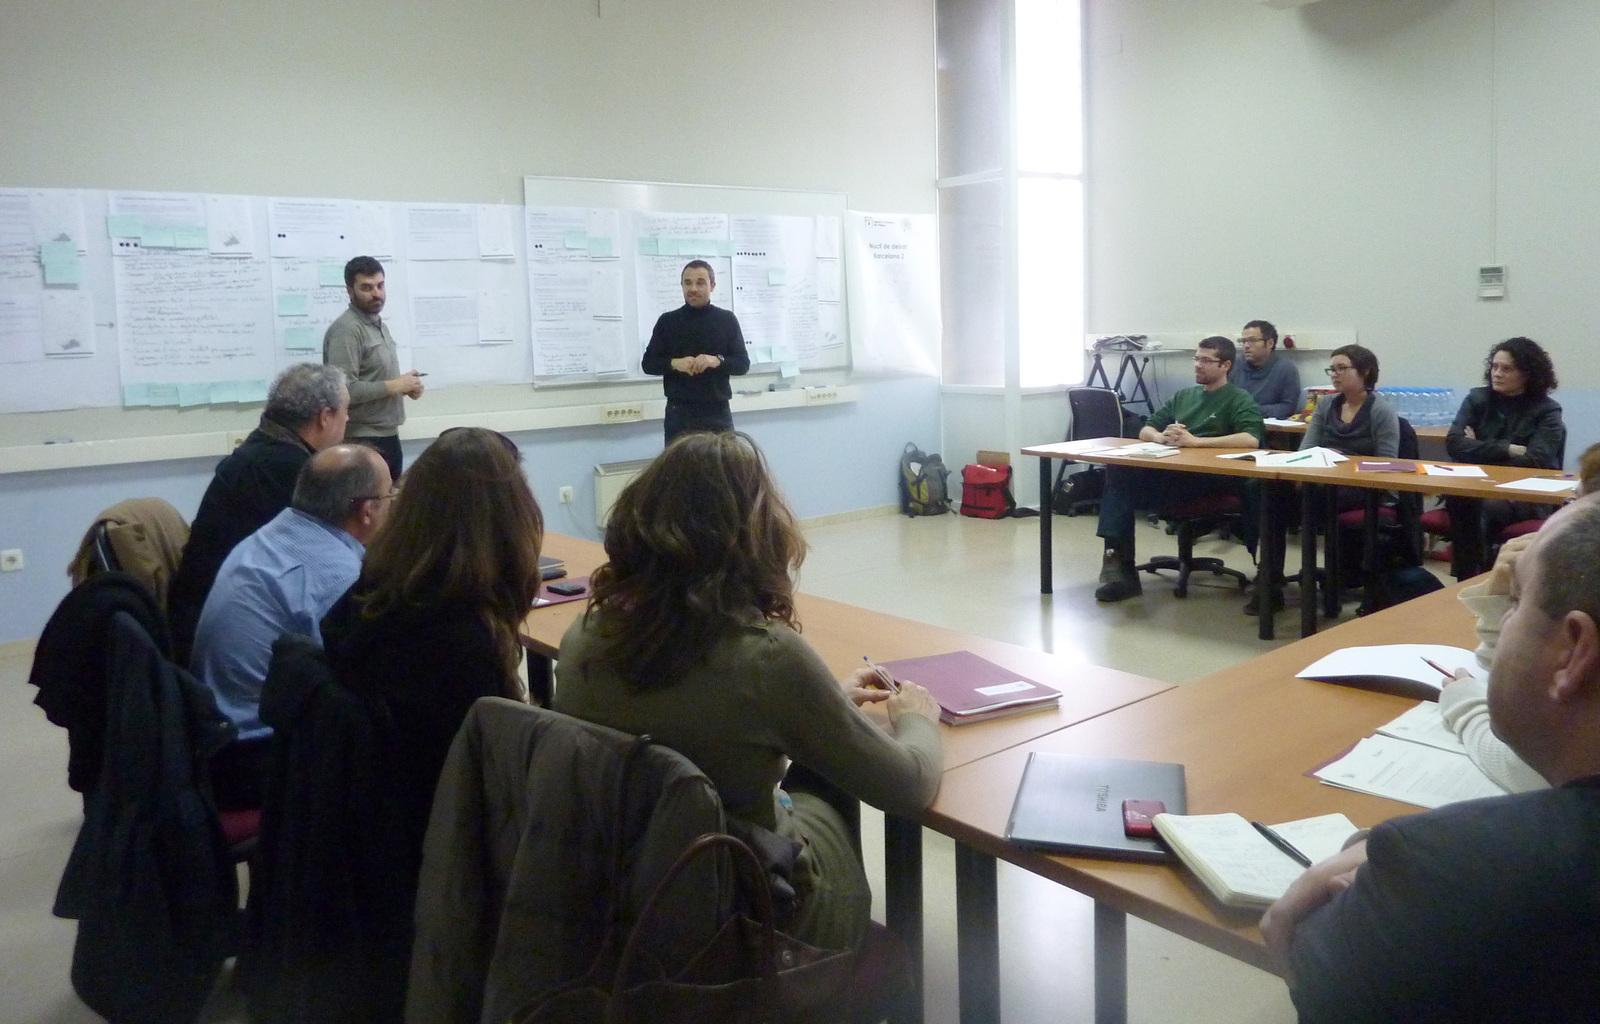 Sessió de debat durant el procés participatiu de l'actual cicle de planificació (2016-2021)